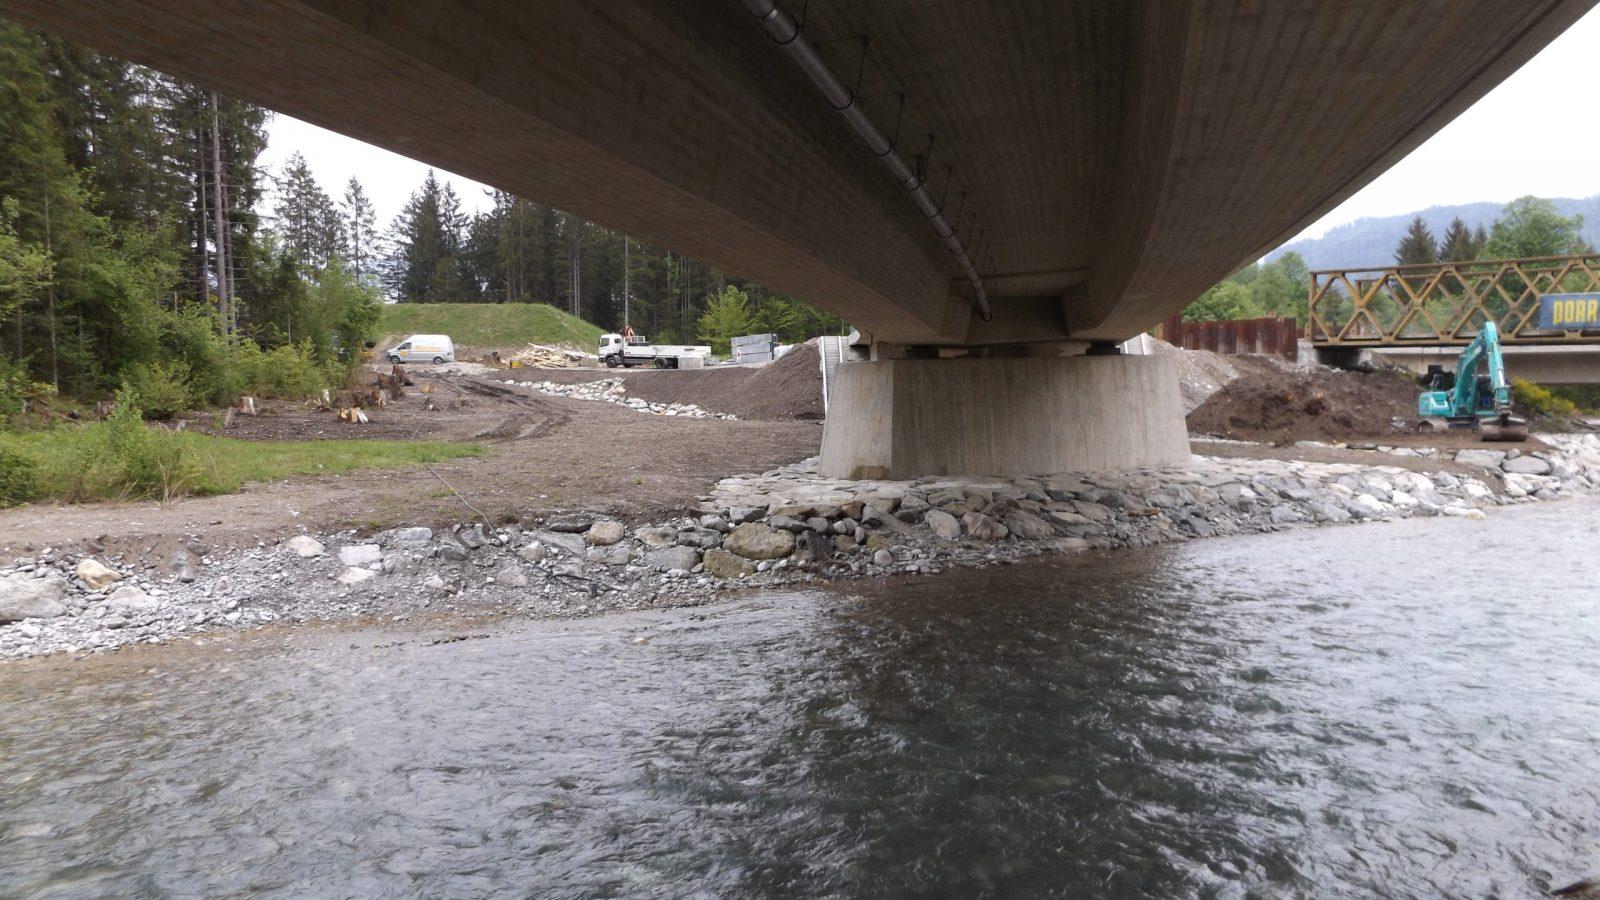 Loisachbrücke bei Grainau